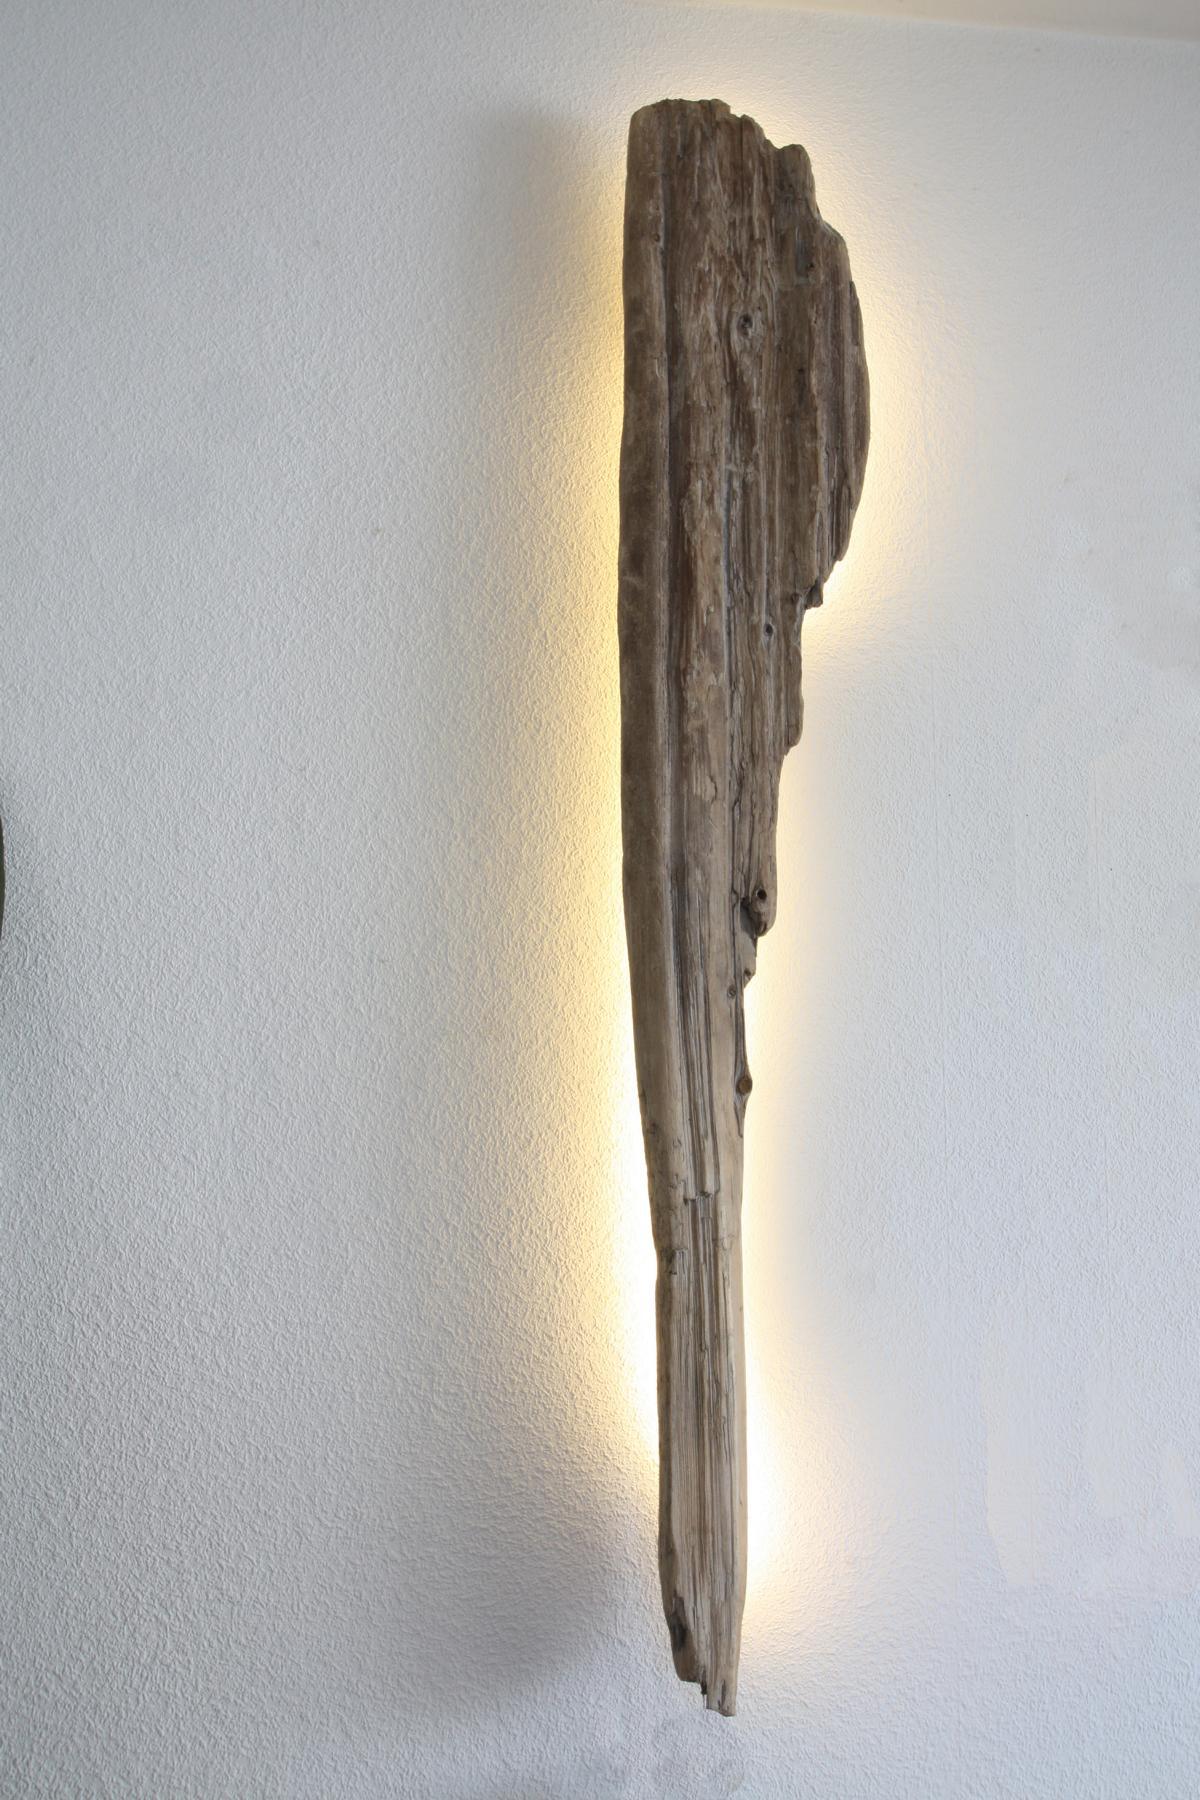 Treibholz Wandlampe - www.treibholz-bodensee.de - Holz